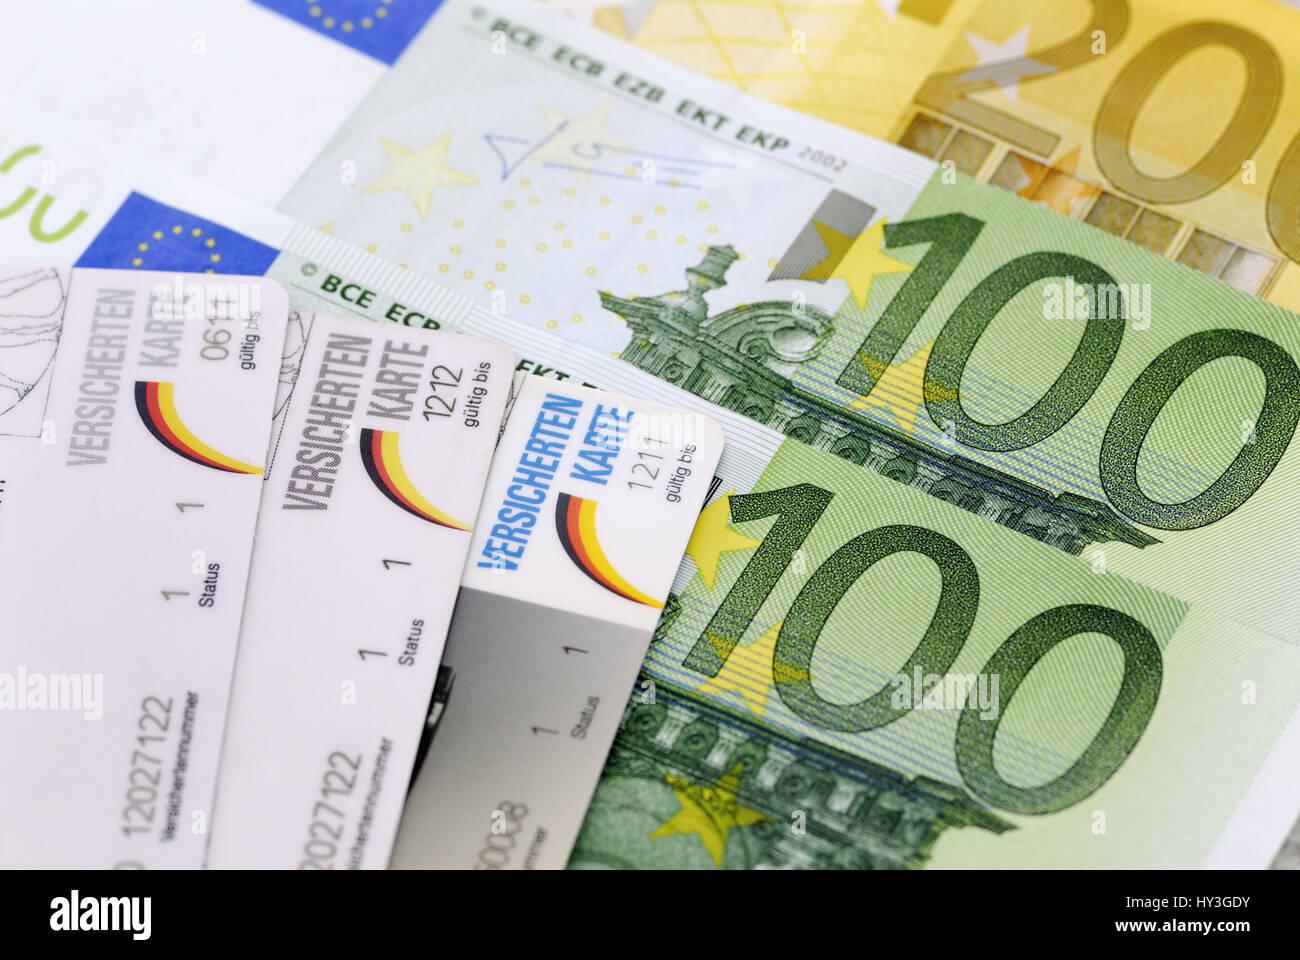 Additional contribution to the health insurance, Zusatzbeitrag zur Krankenversicherung - Stock Image